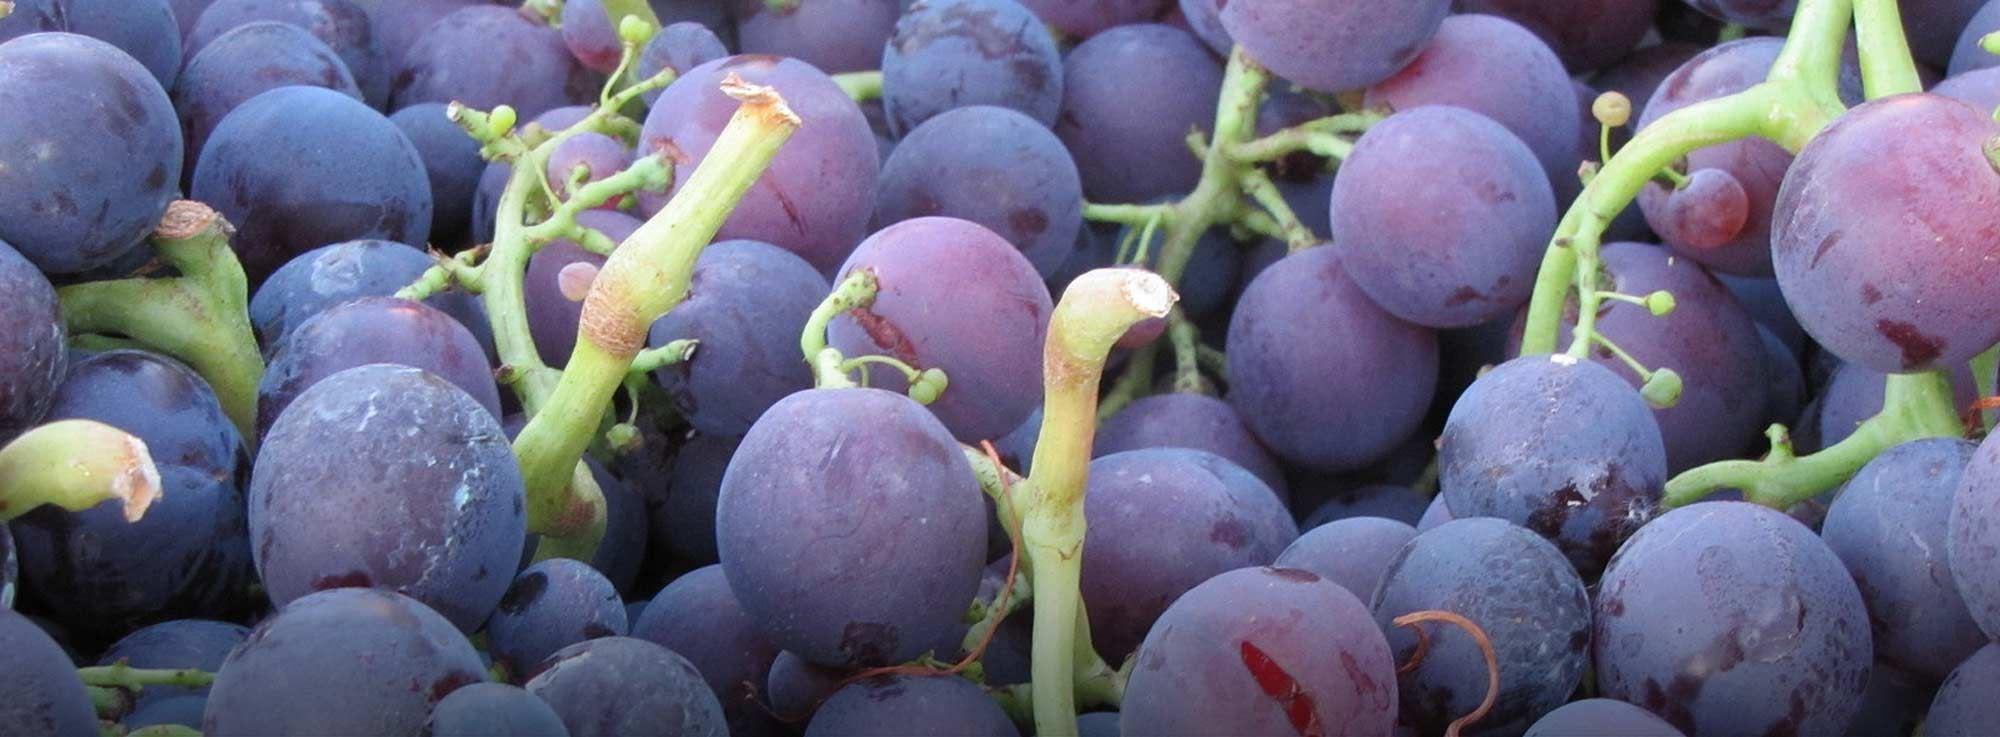 Guagnano: Sagra dell'Uva Cardinal e del Vino